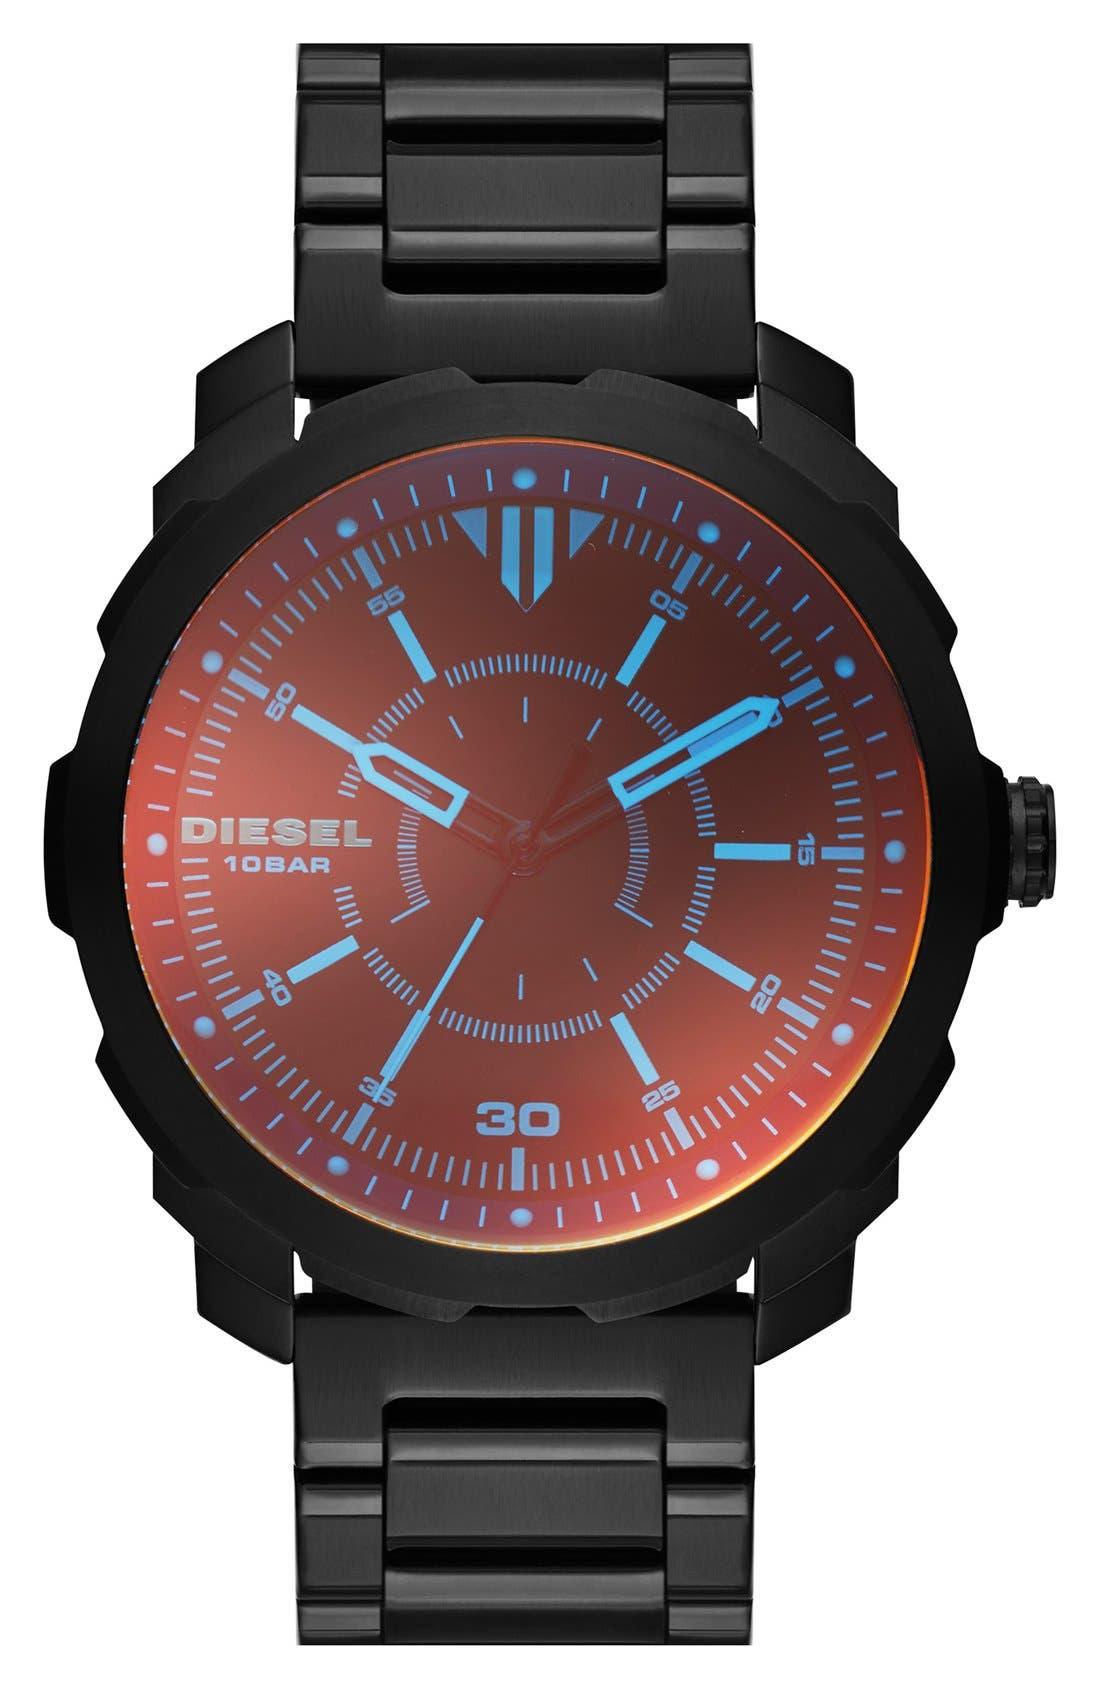 DIESEL<SUP>®</SUP> 'Mac 3' Bracelet Watch, 46mm, Main, color, 001